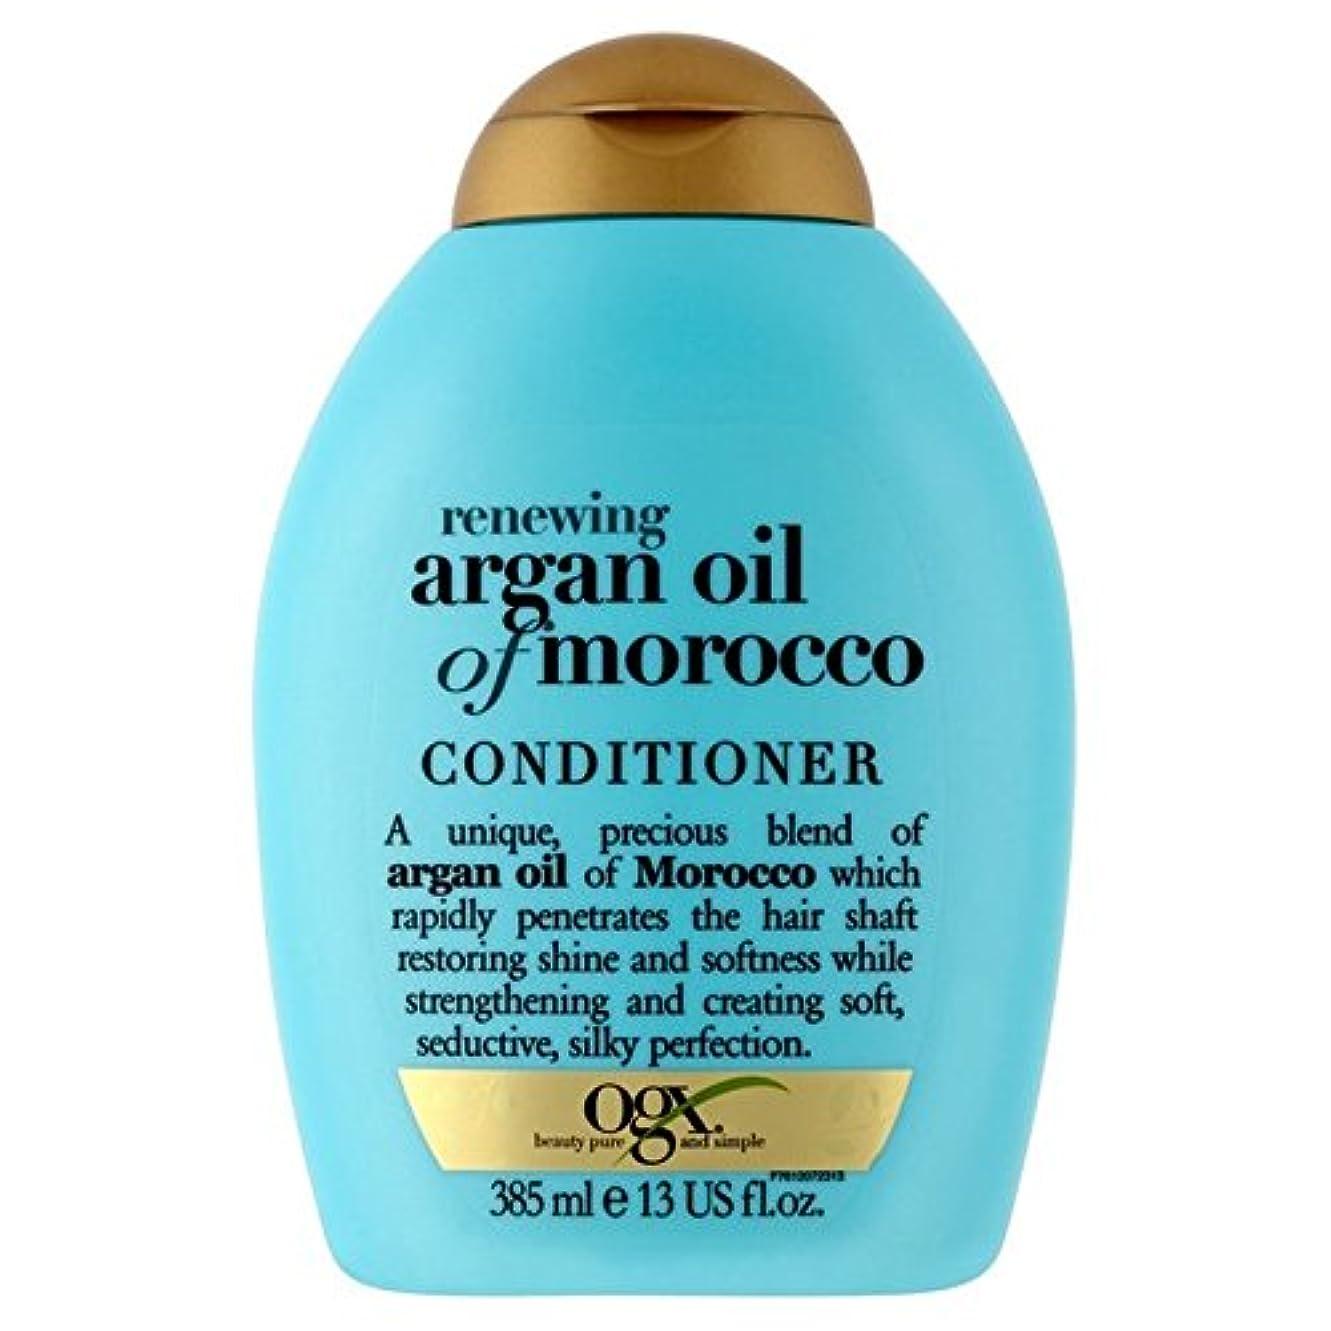 ボーナステレマコスメディックOgx Moroccan Argan Oil Conditioner 385ml - モロッコのアルガンオイルコンディショナー385ミリリットル [並行輸入品]